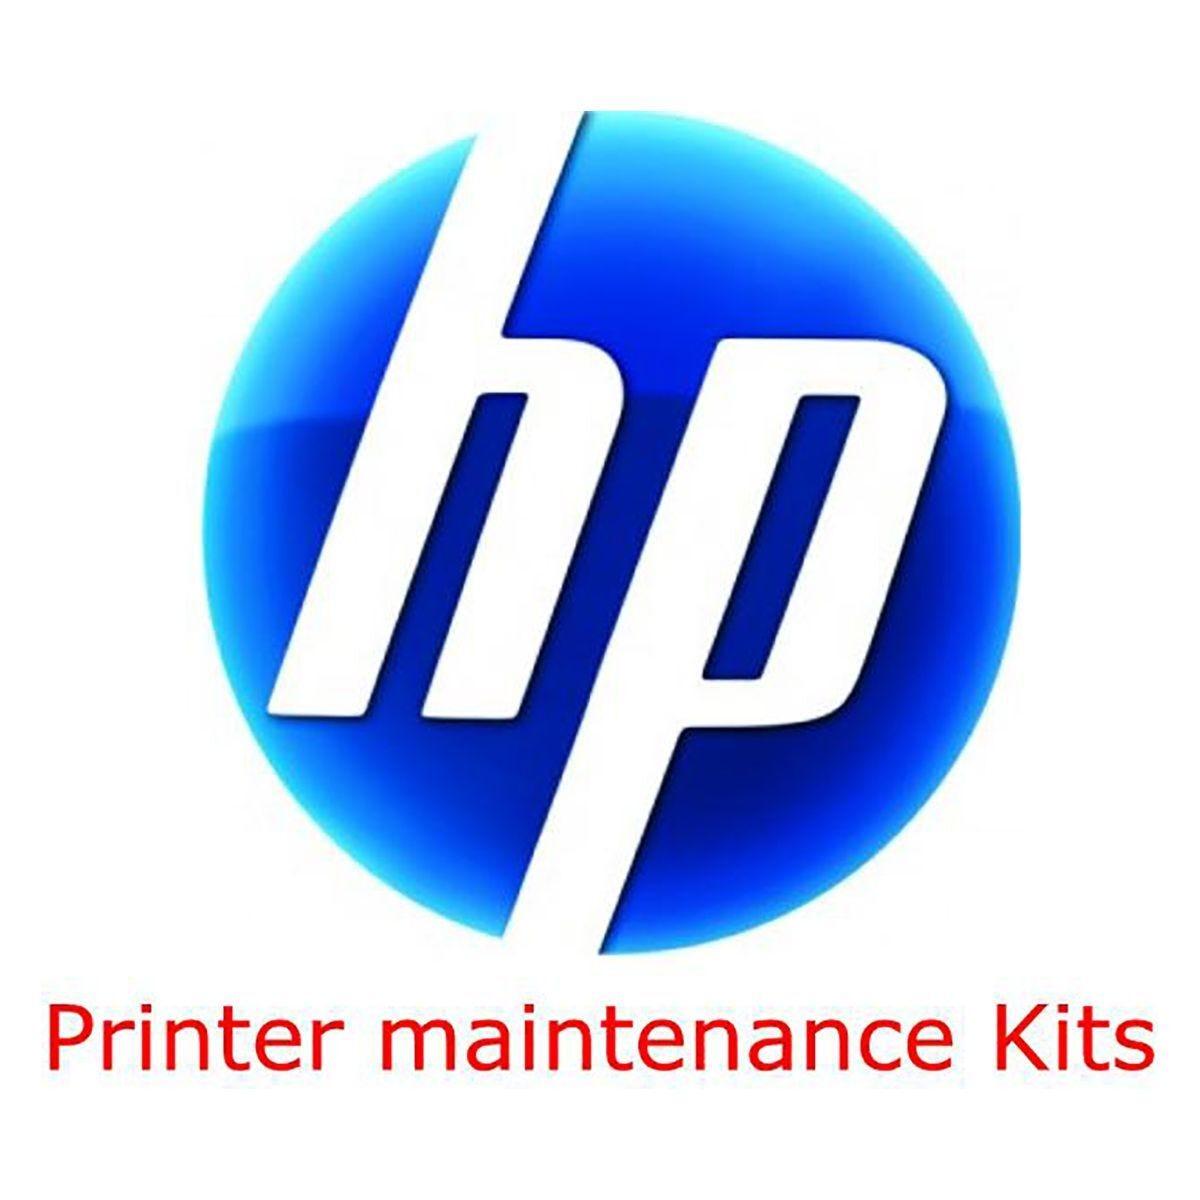 HP P4015/4014 Maintenance Kit